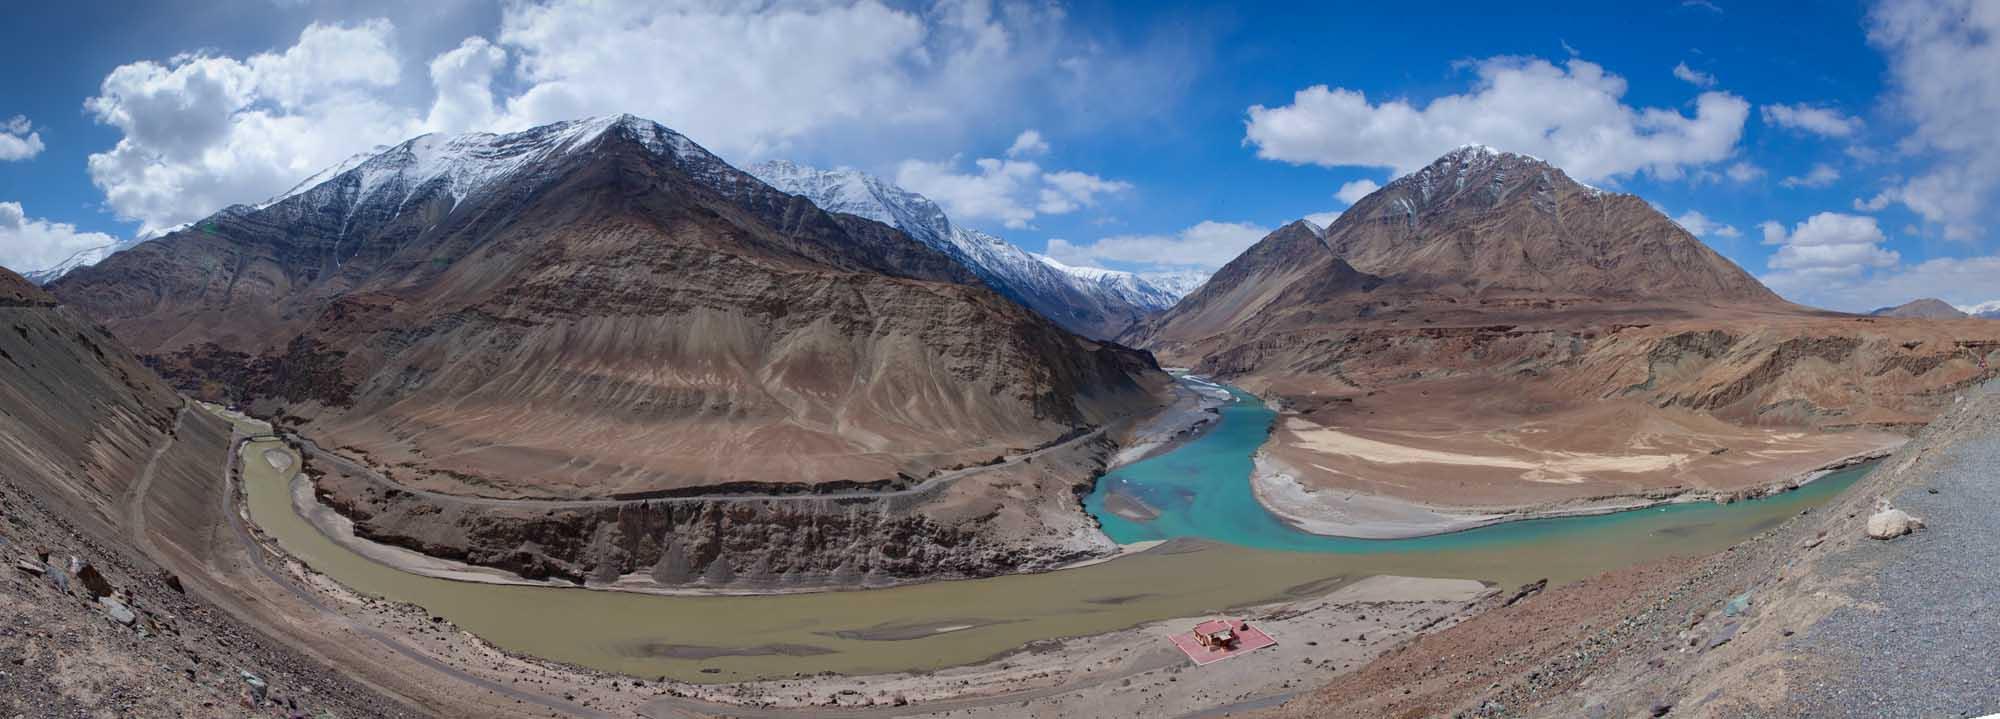 Indus Zanskar Pan1 (1).jpg